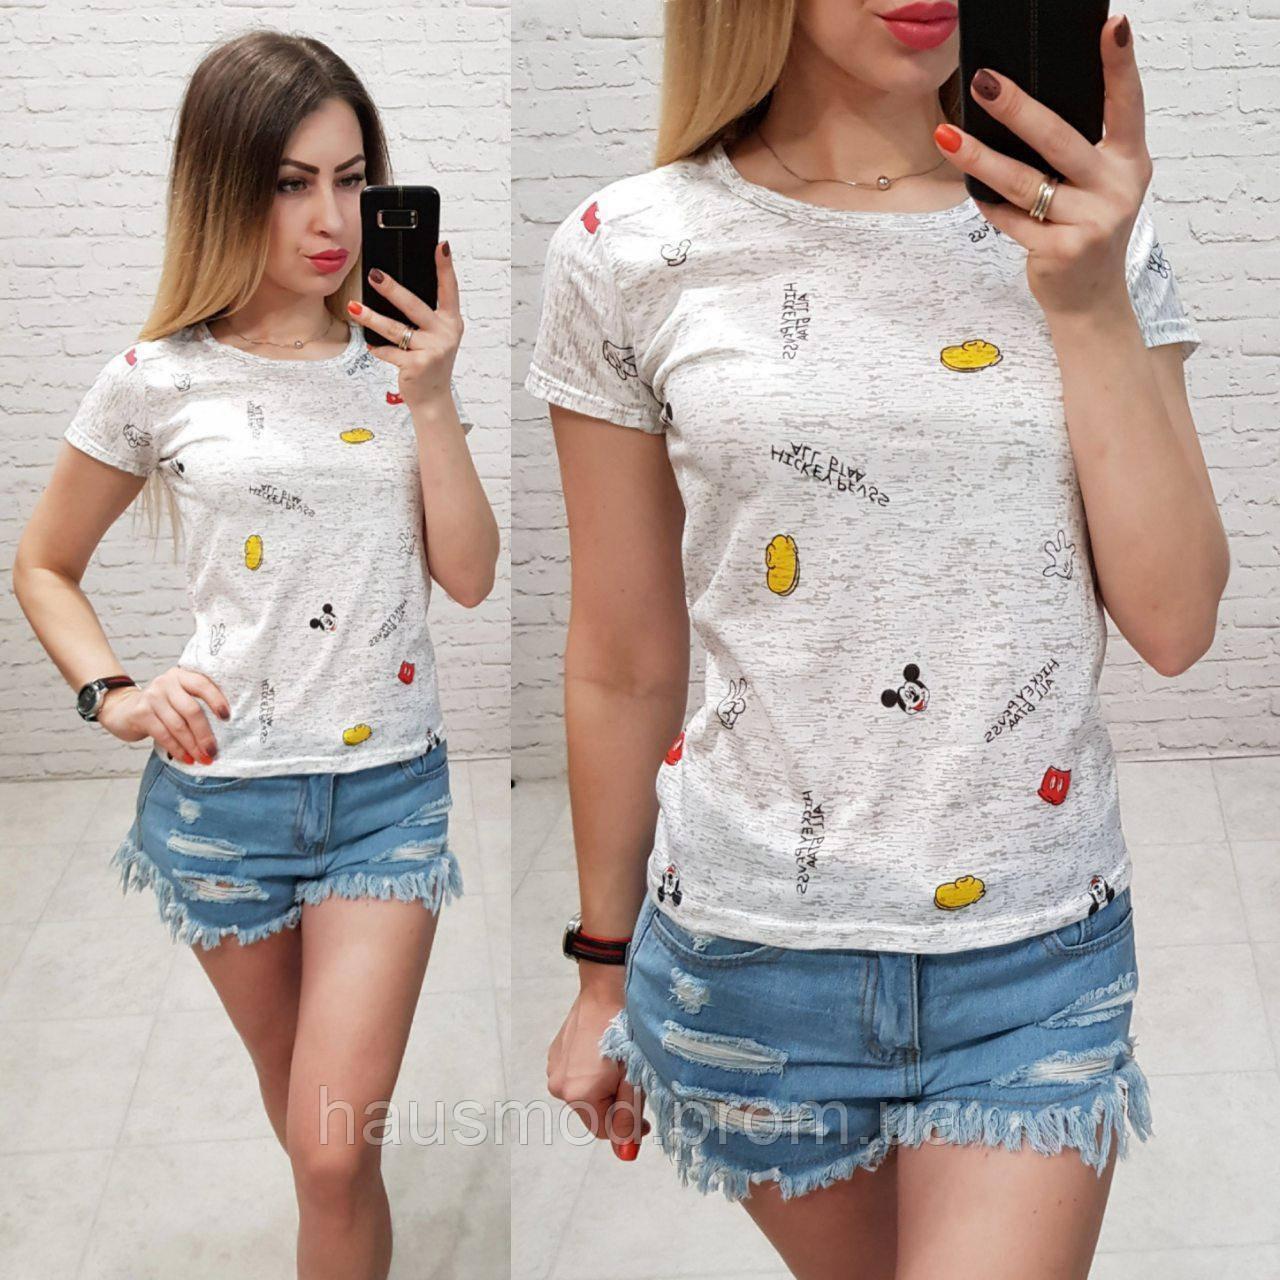 Женская футболка летняя Oversize one size качество турция размер универсал  цвет серый